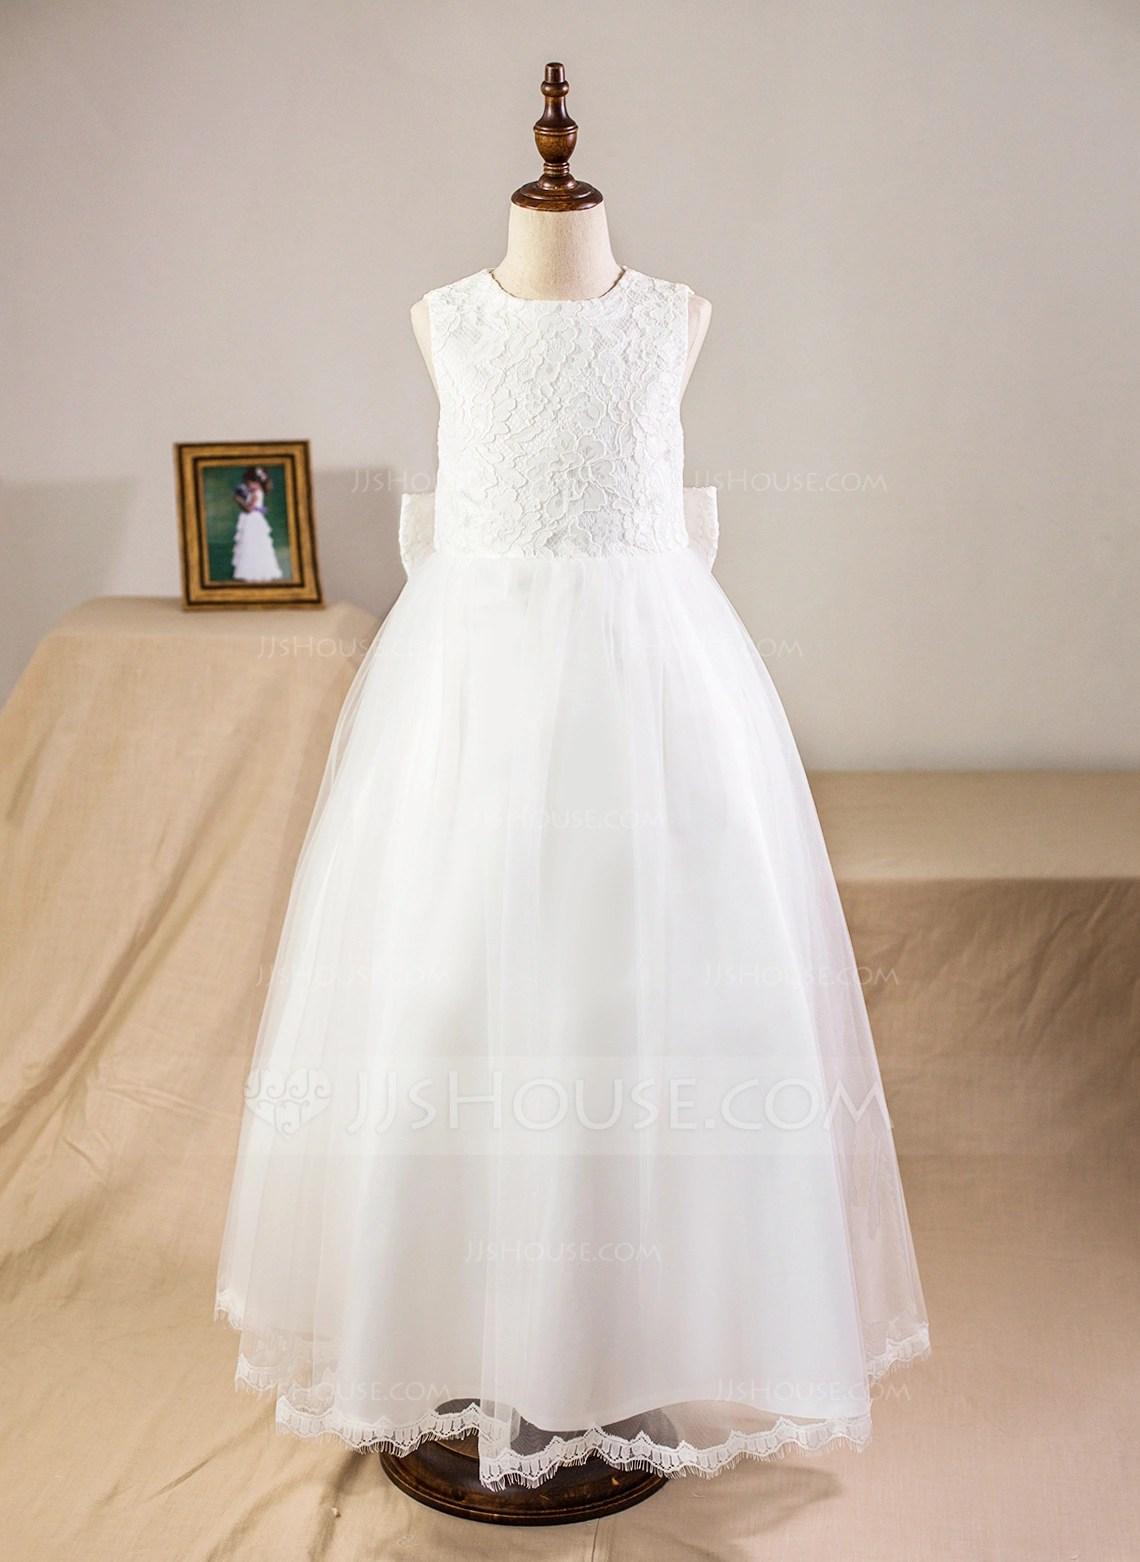 Ball Gown Ankle Length Flower Girl Dress SatinTulle